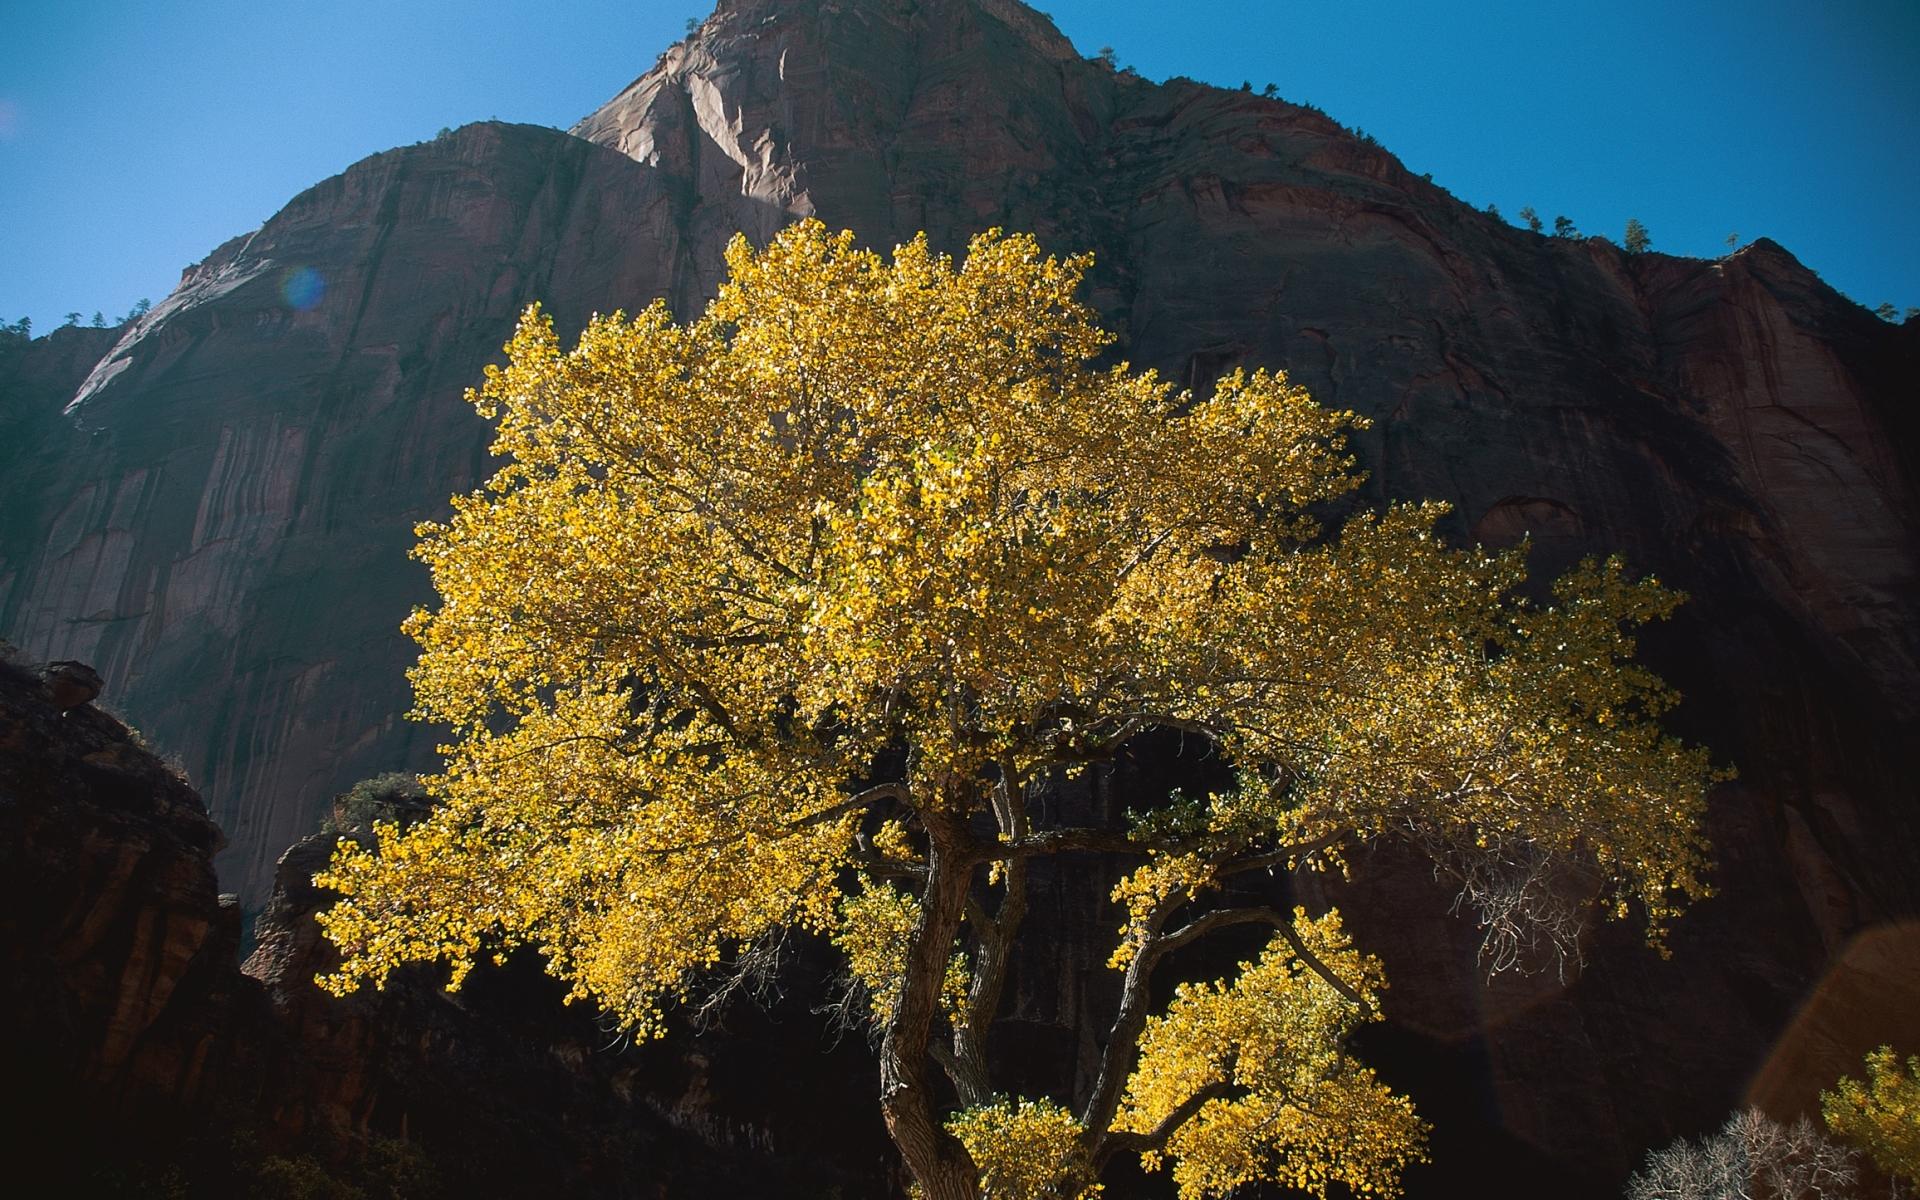 Скачать картинку Пейзаж, Деревья, Осень в телефон бесплатно.